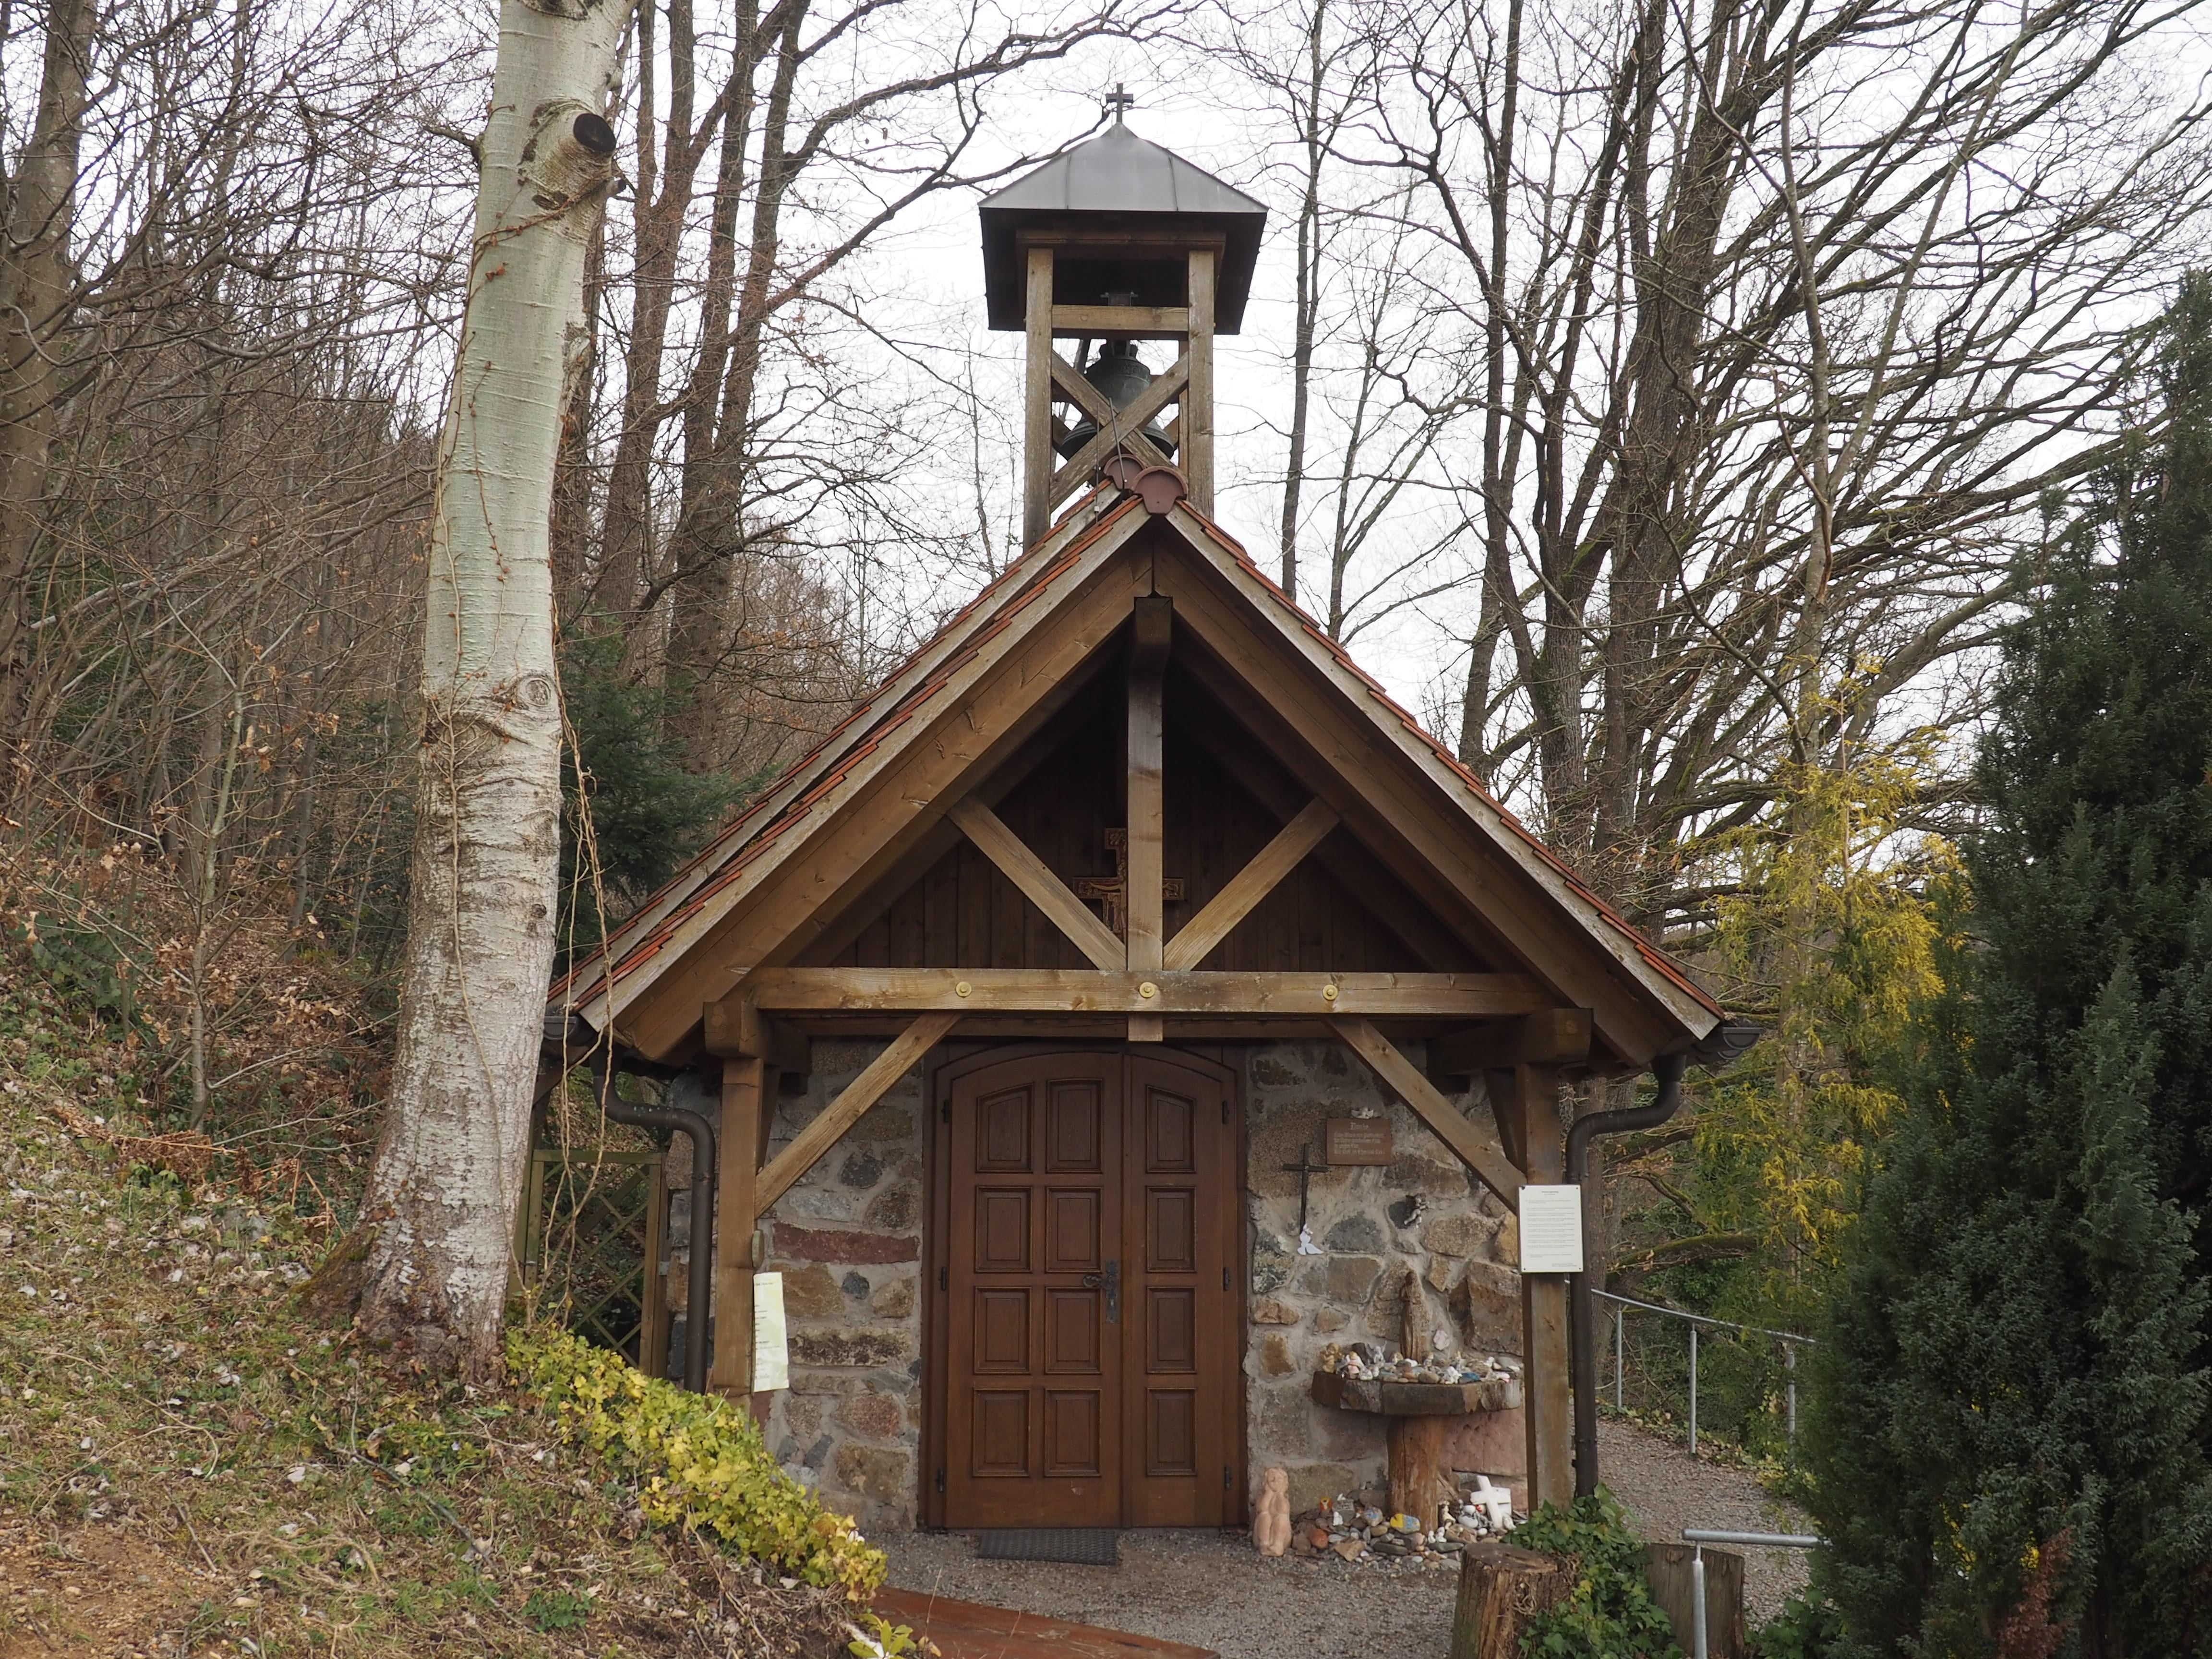 Portiunkula Kapelle am Weg des Tälerpfades in den Weinbergen von Gengenbach